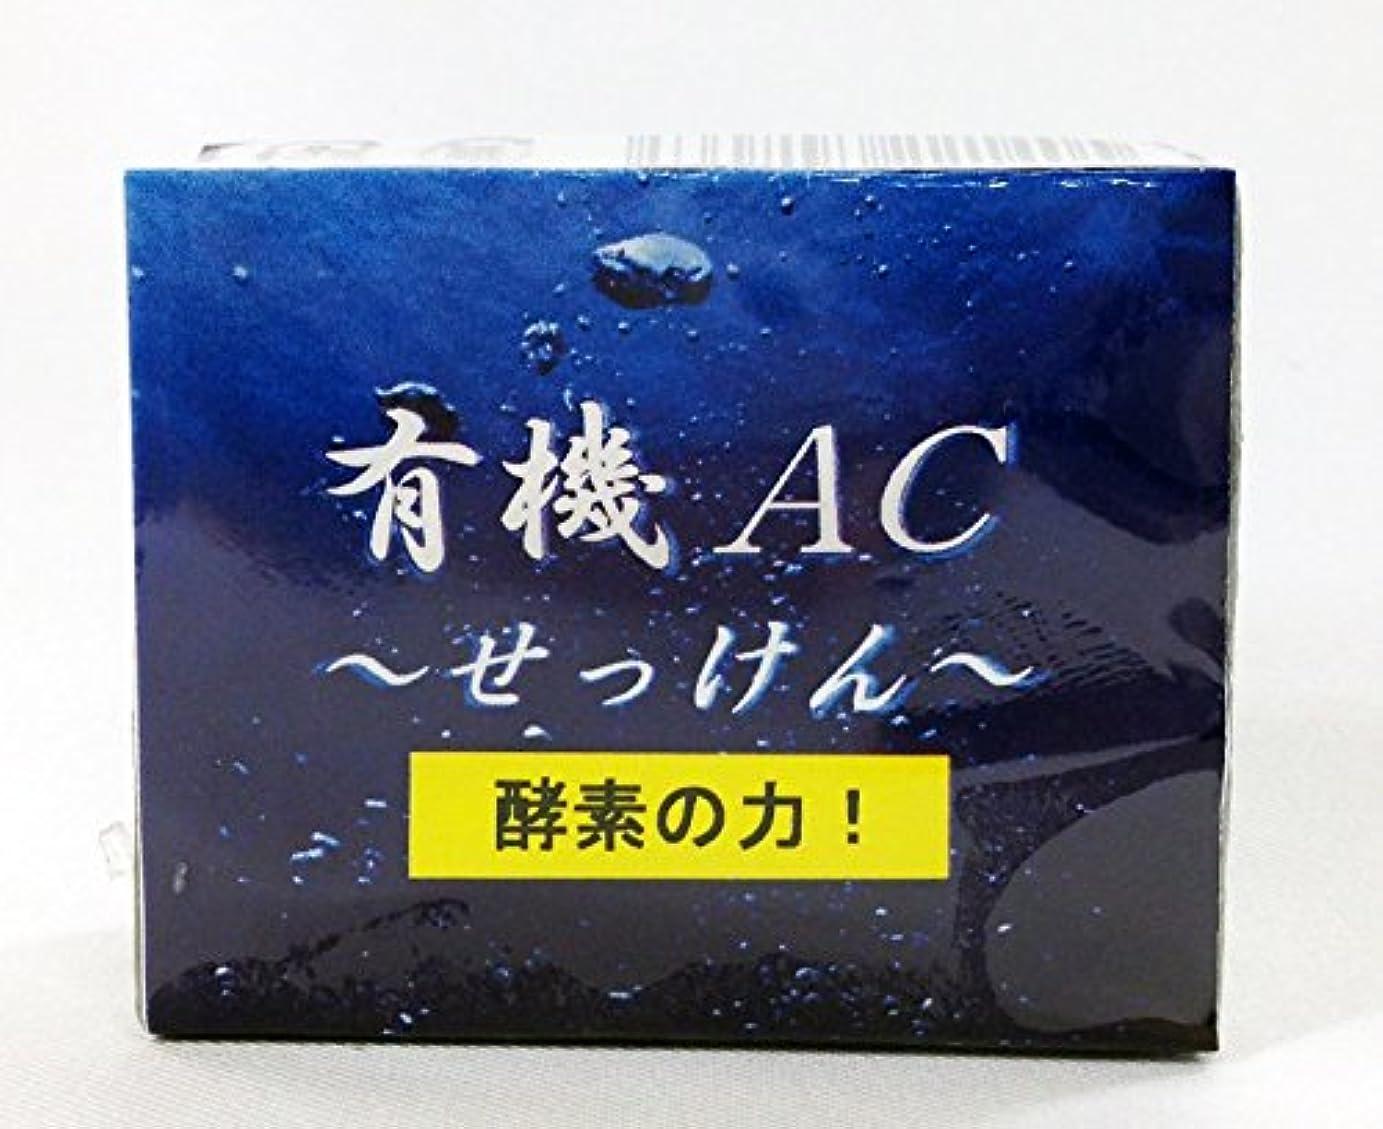 告白アリコース有機ACせっけん 70g×3個 沖縄EEN オリーブ?パーム?ココナッツオイル配合 しっとり生石けん